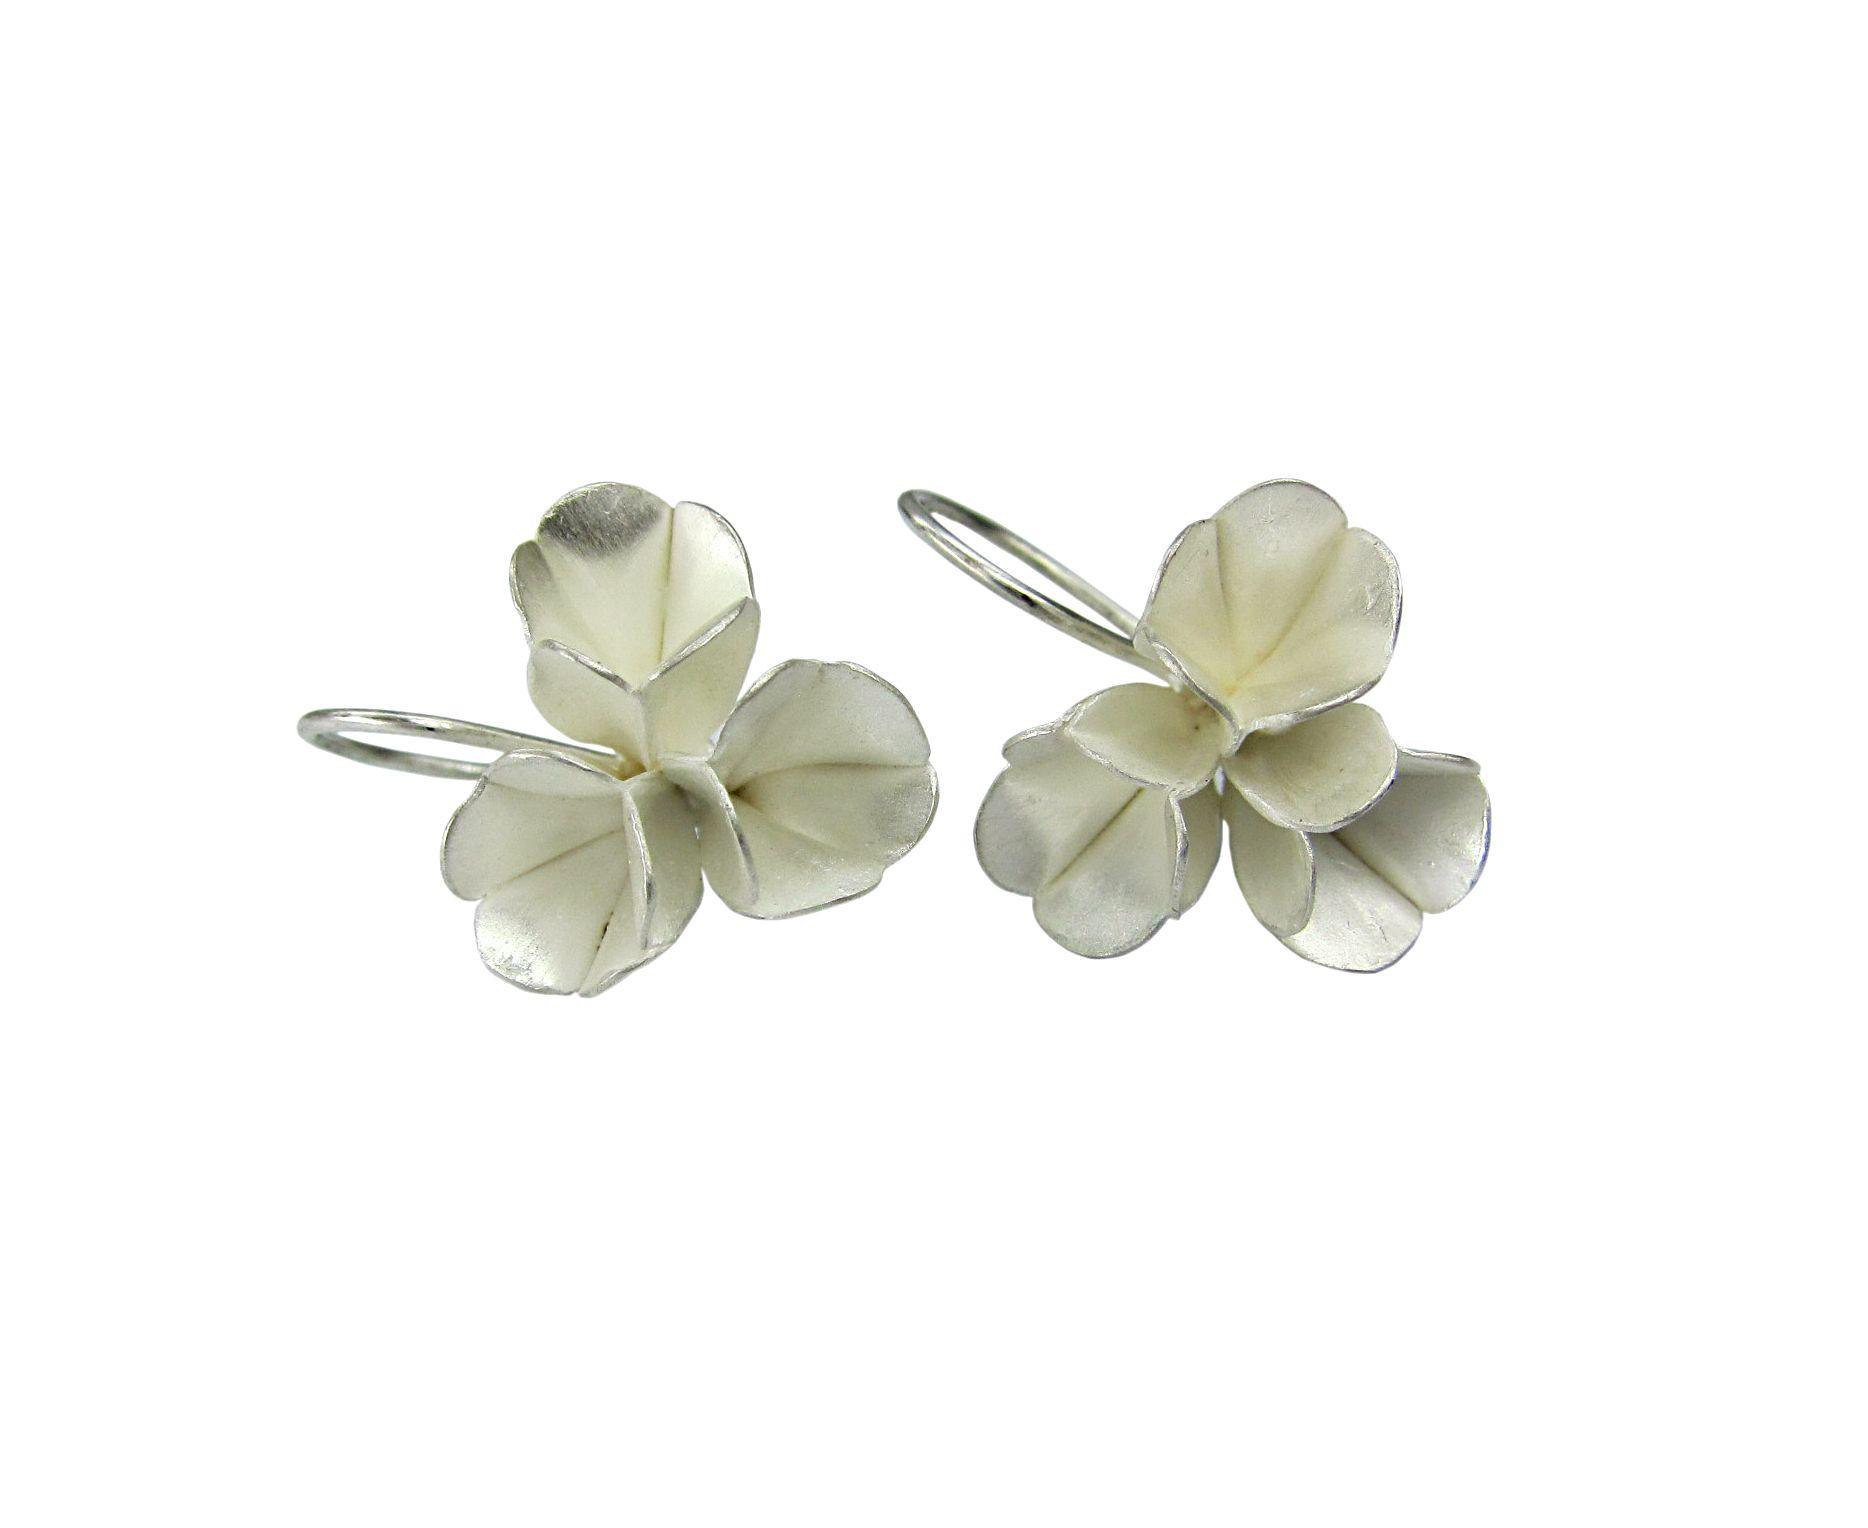 Silver earrings by Dörte Dietrich